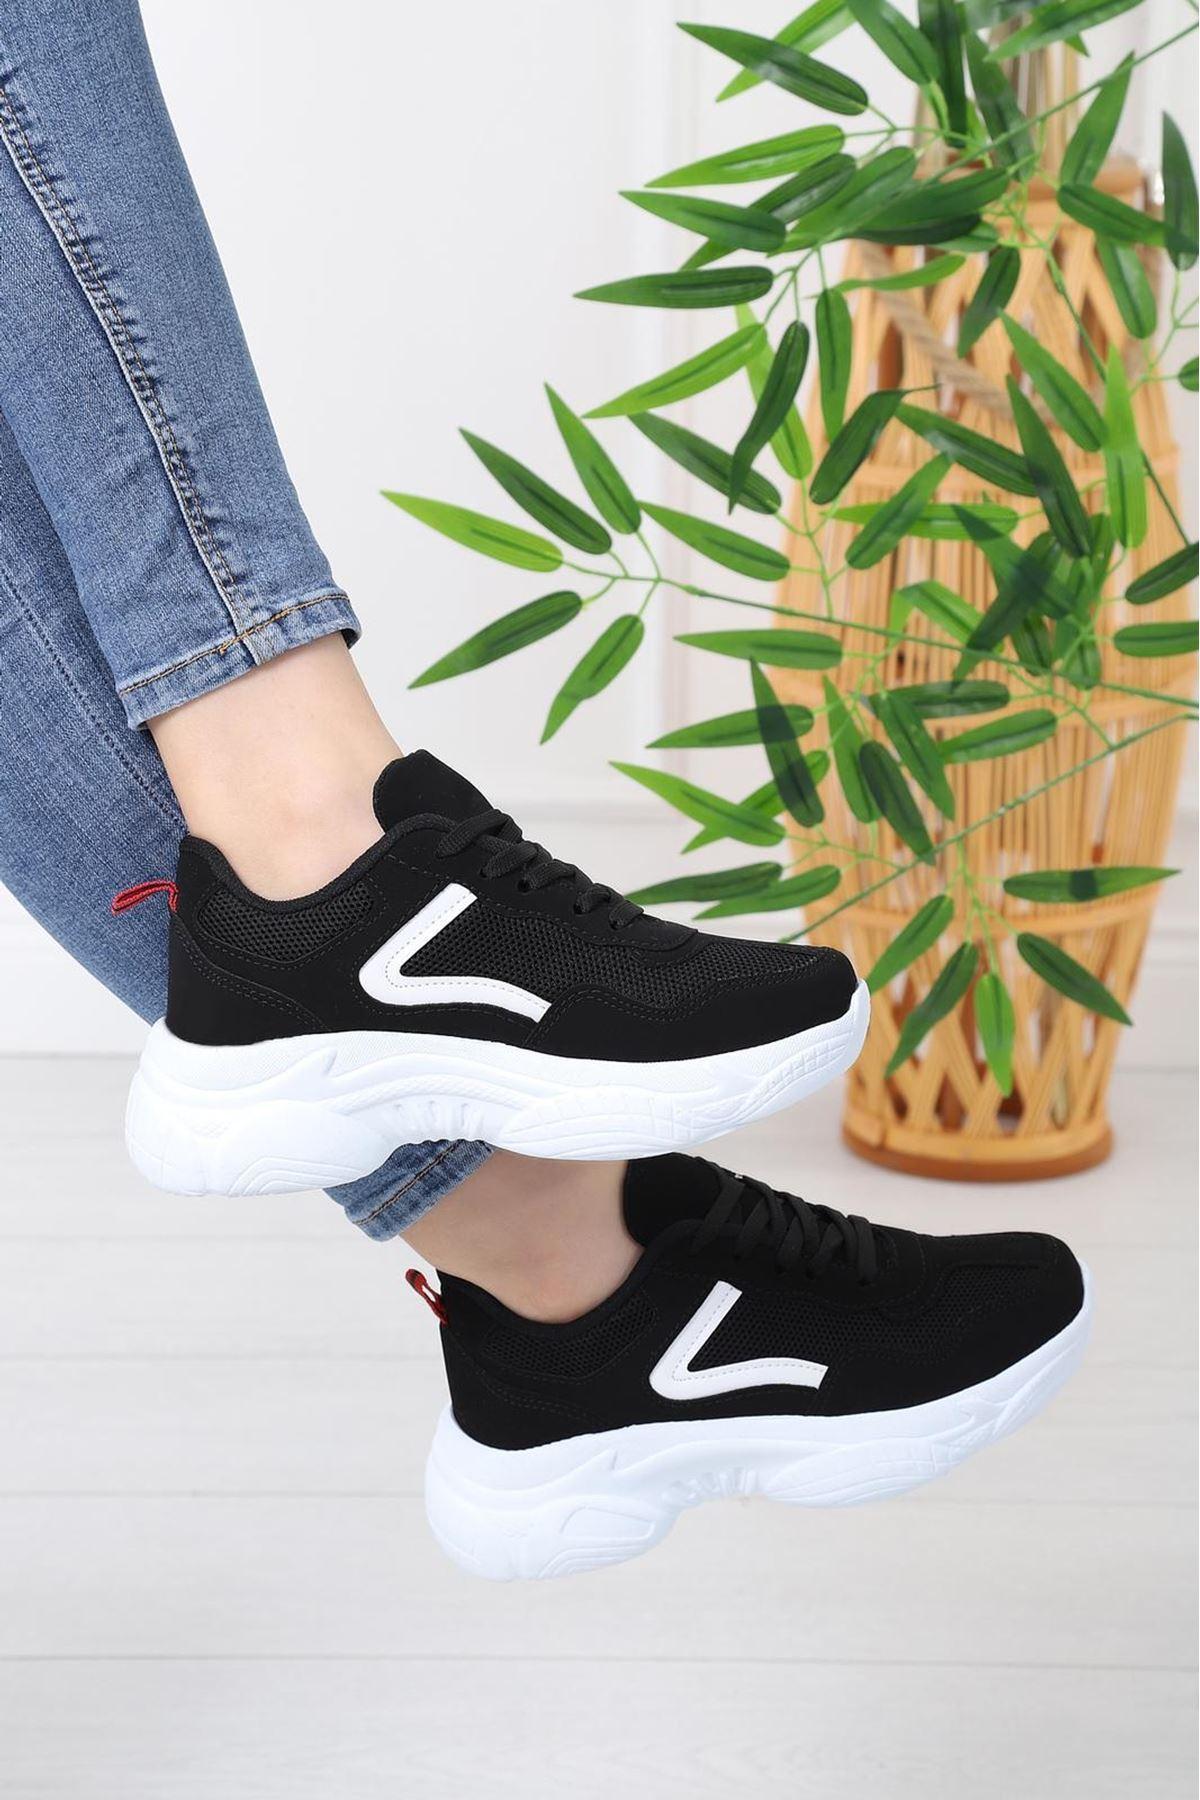 miya Spor Ayakkabı Siyah Süet Beyaz Taban